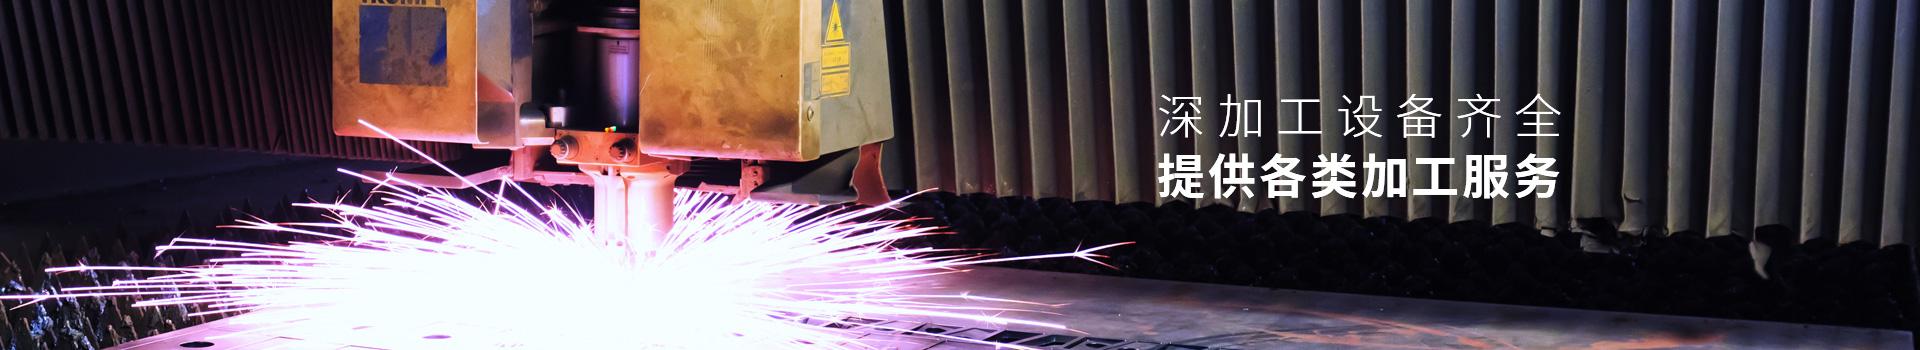 海润钢铁-深加工设备齐全,提供各类加工服务